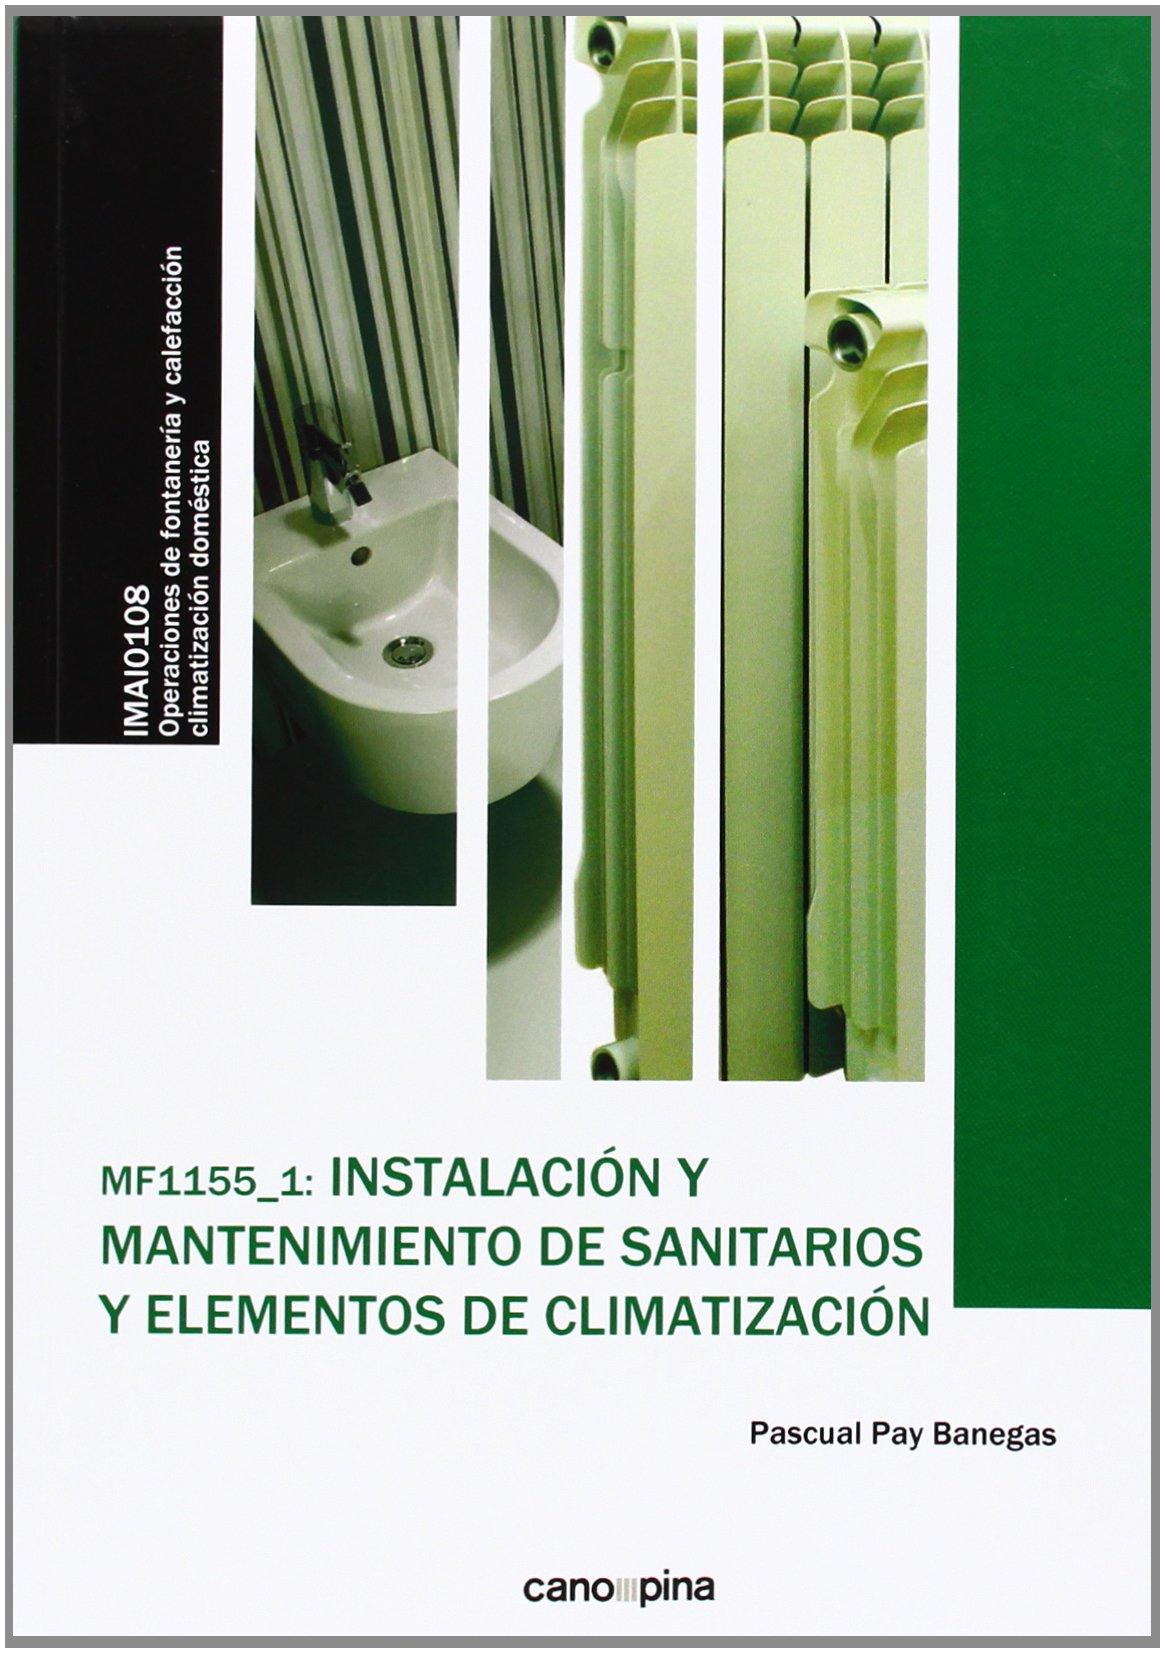 INSTALACION Y MANTENIMIENTO SANITARIOS ELEMENTOS CLIMATIZACION MF11551 pdf